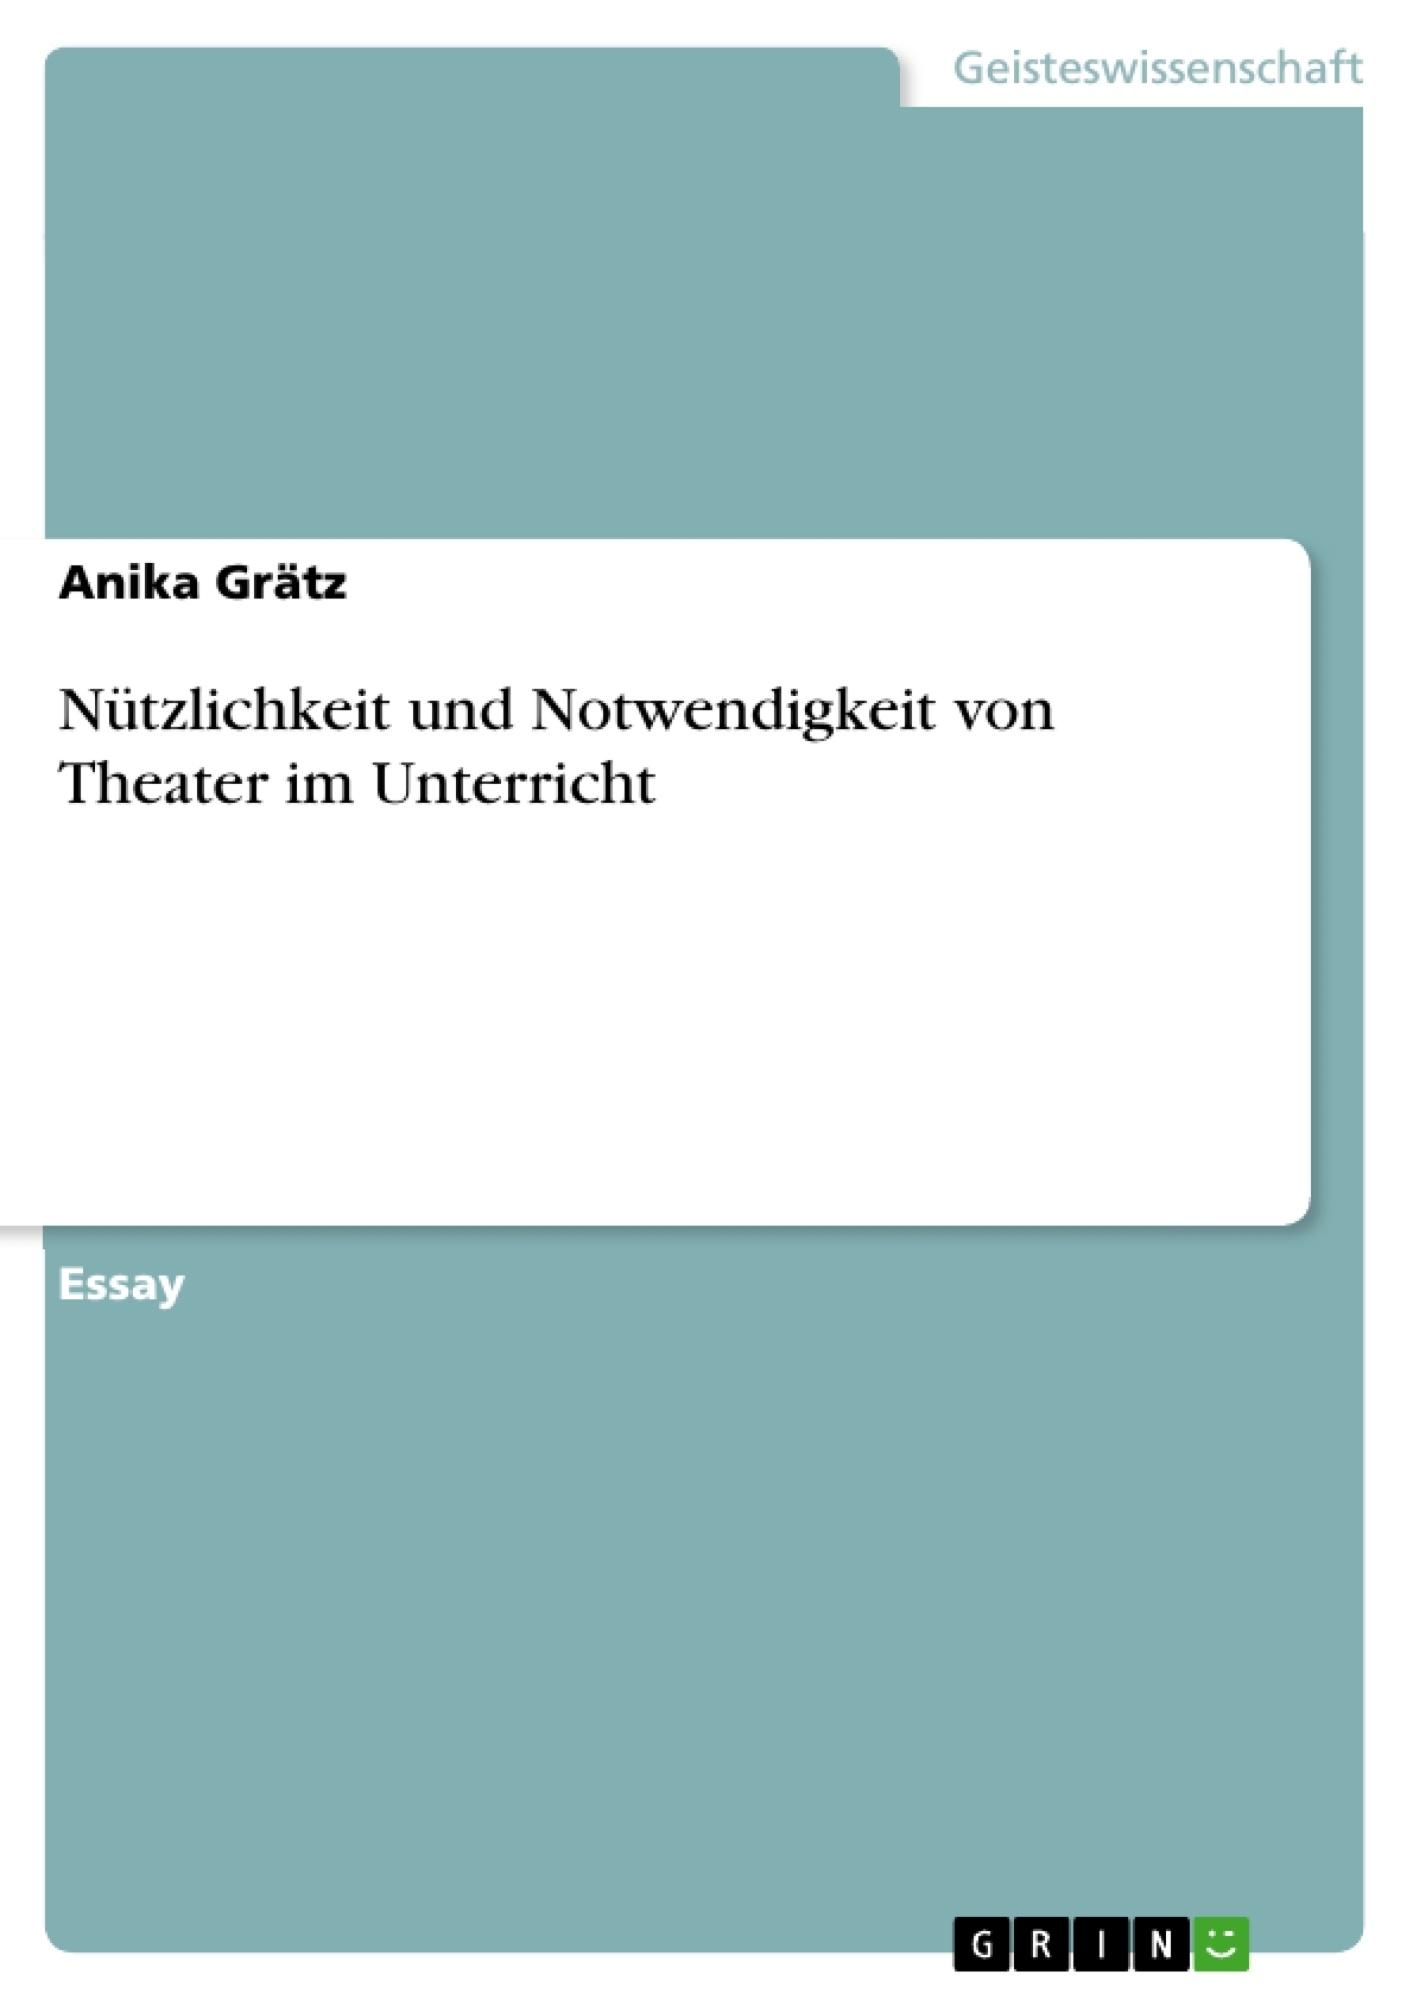 Titel: Nützlichkeit und Notwendigkeit von Theater im Unterricht